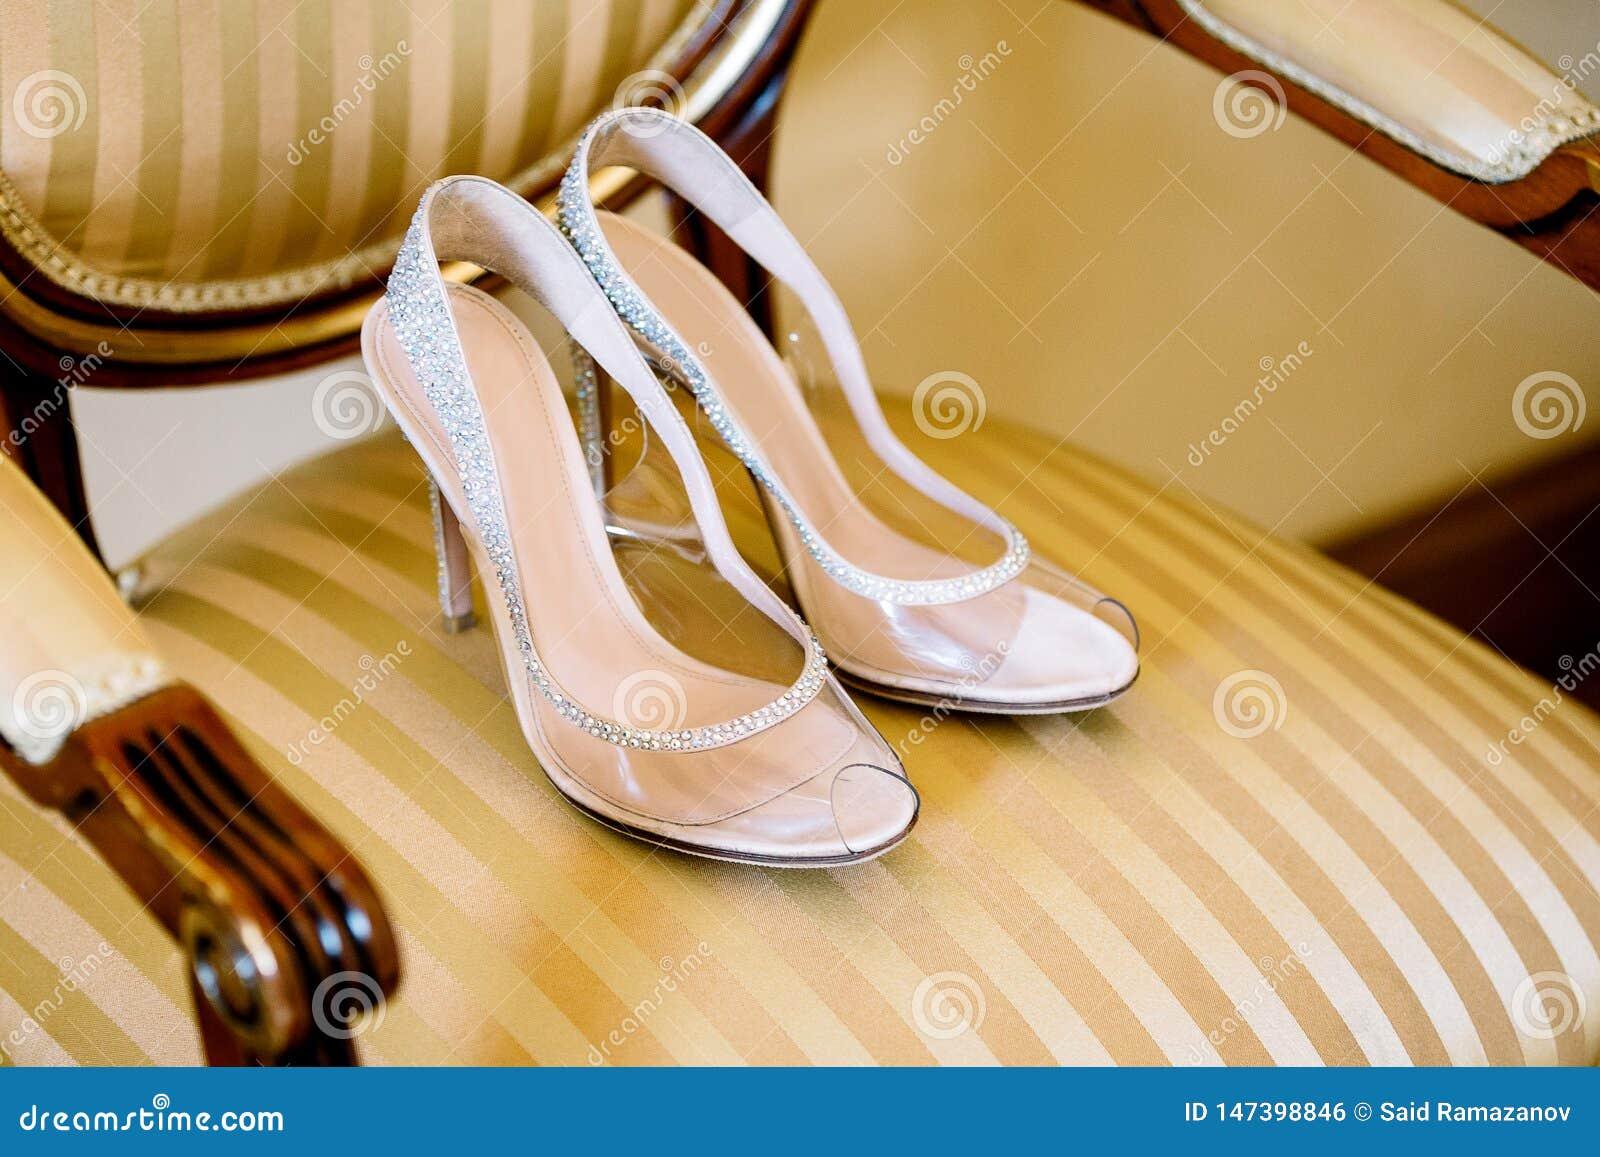 Zapatos nupciales en una silla con una tapicería de oro y manijas de madera